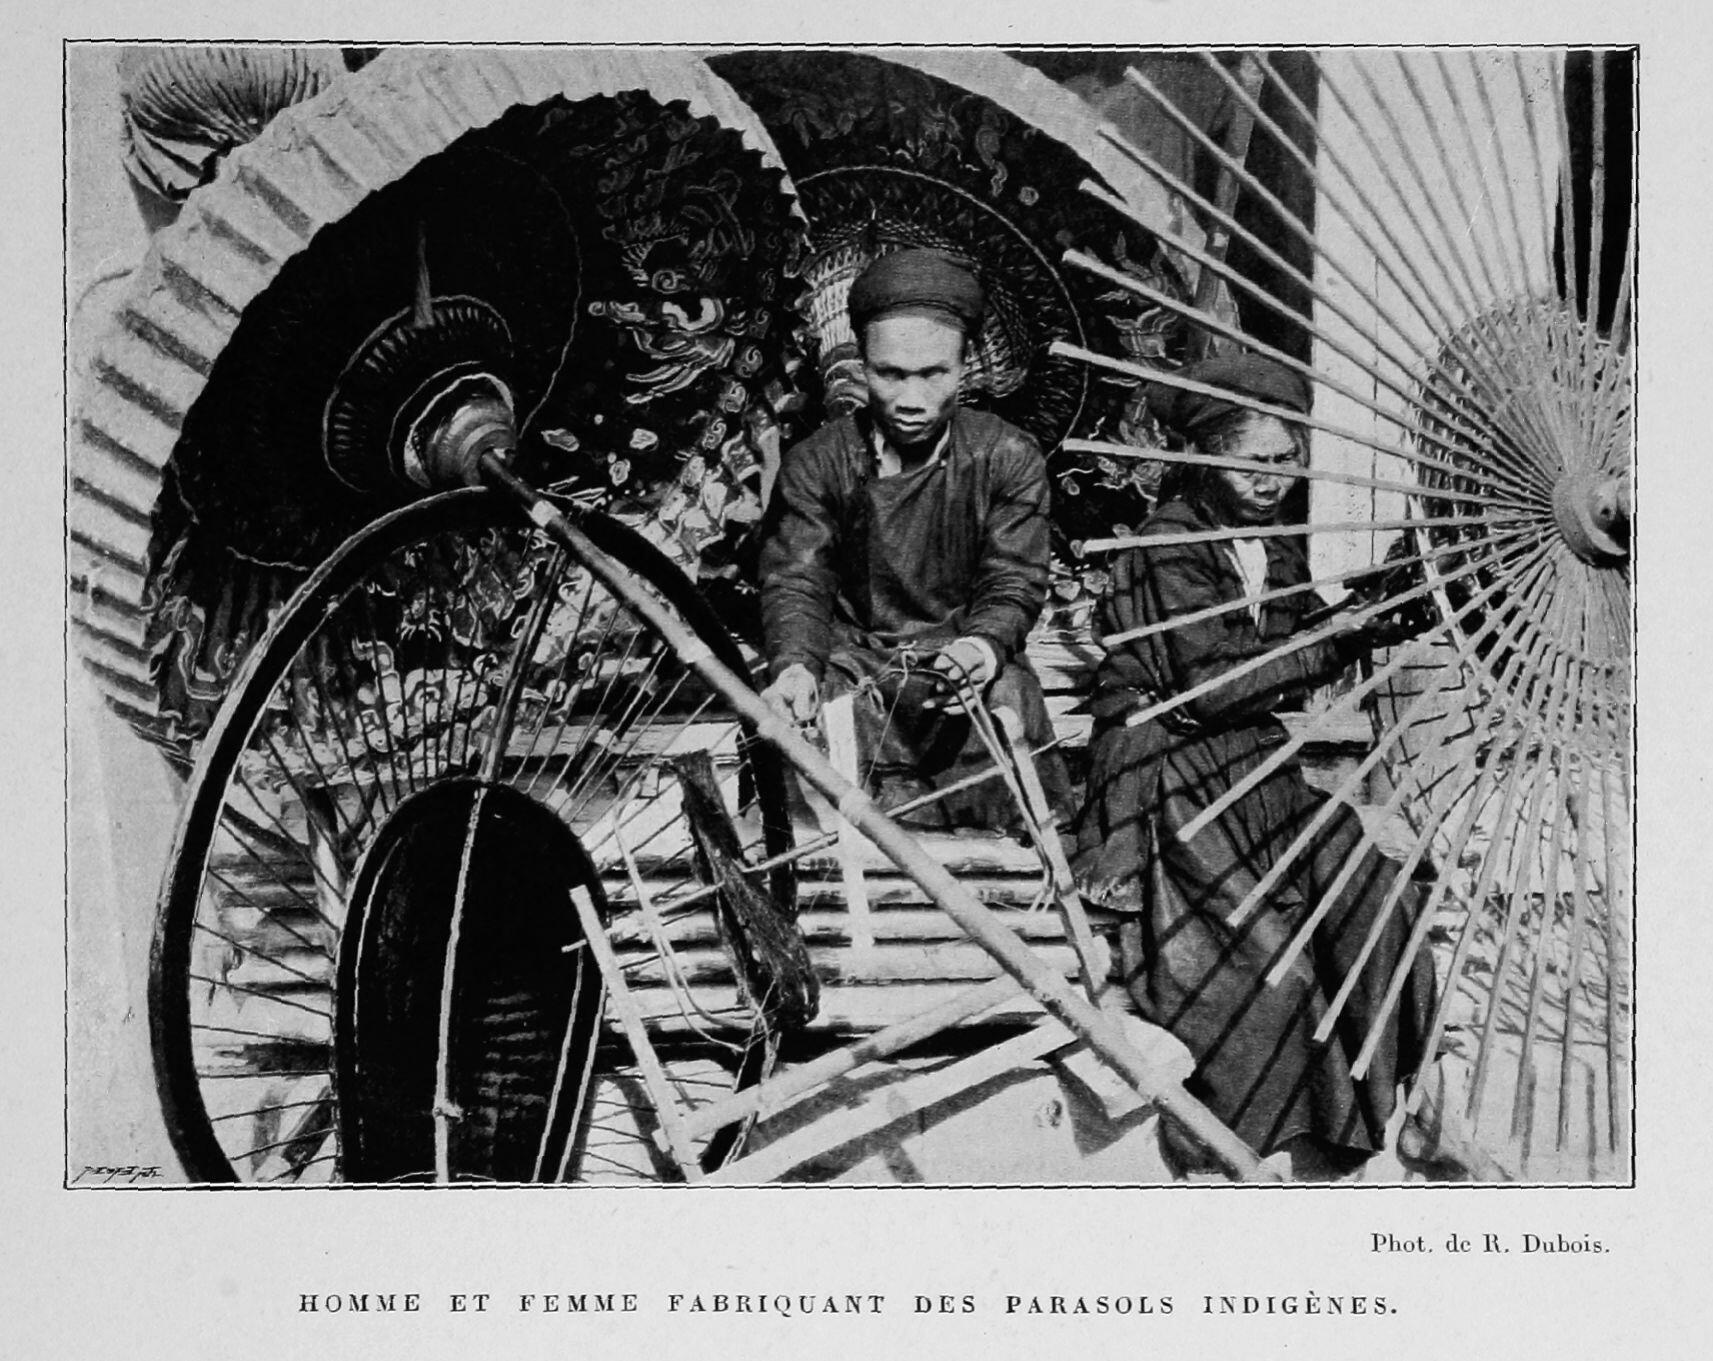 Thợ làm ô, lọng. Ảnh chụp từ cuốn Bắc Kỳ năm 1900 (Le Tonkin en 1900) của Robert Dubois nhân dịp Triển lãm Hoàn cầu Paris 1900.